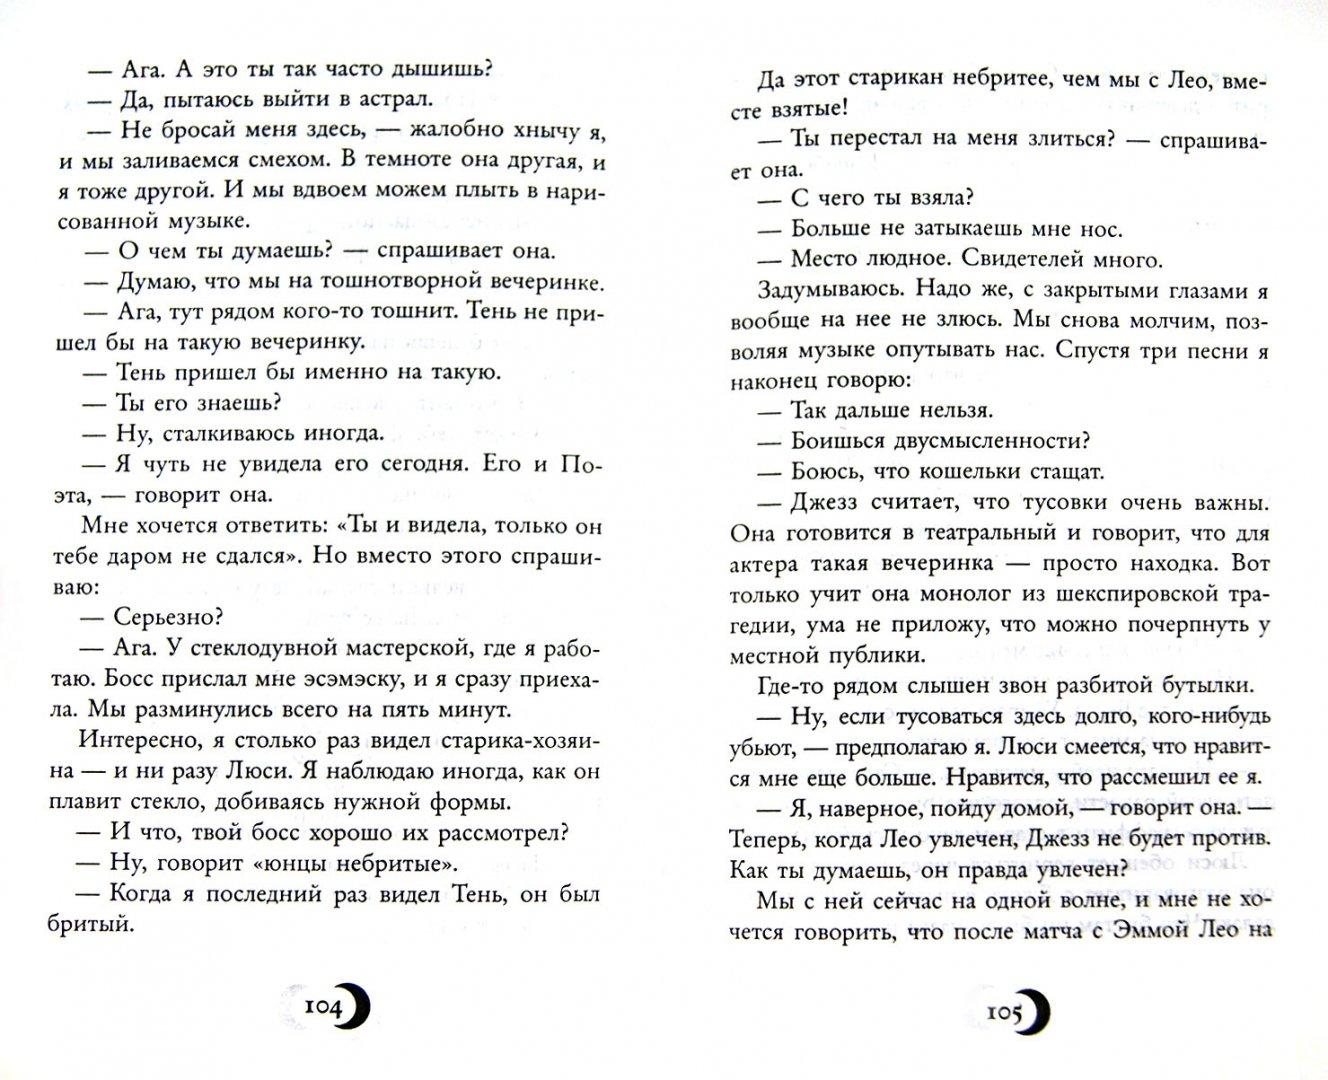 Иллюстрация 1 из 9 для Лунное граффити - Кэт Кроули | Лабиринт - книги. Источник: Лабиринт